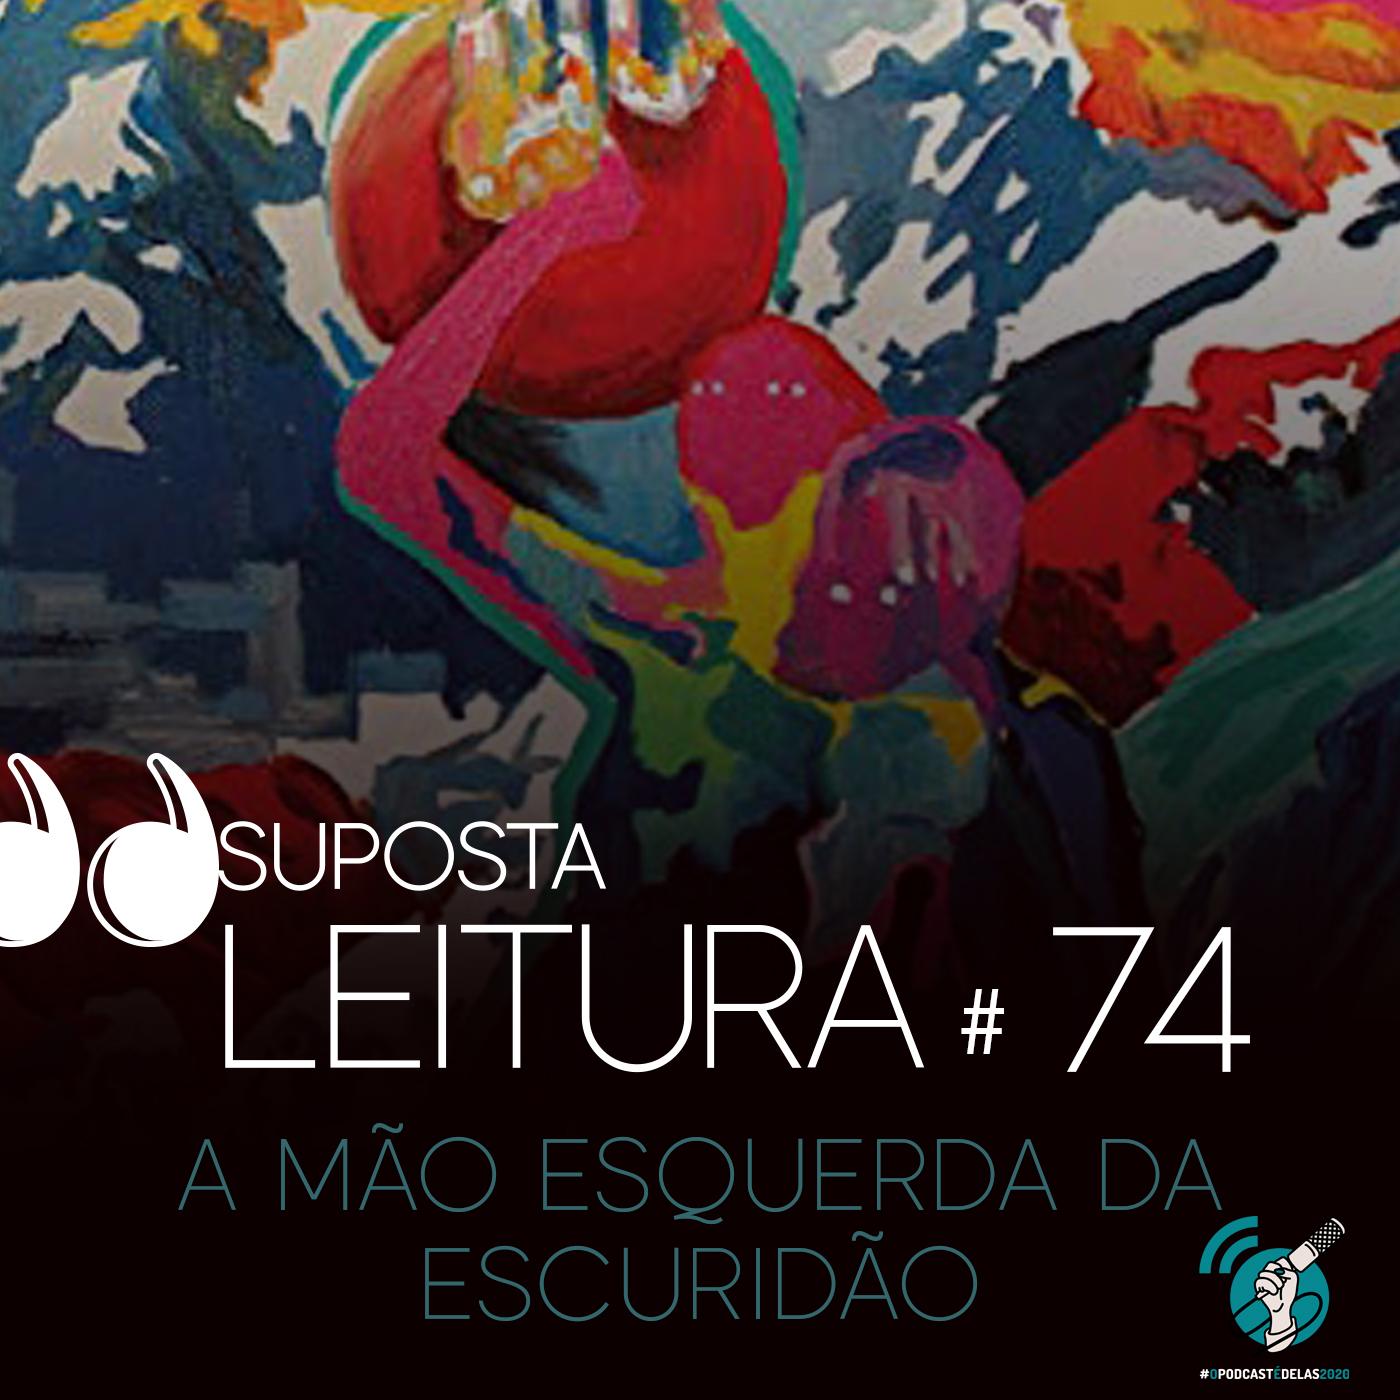 74 - a mão esquerda da escuridão - Lucas Mota